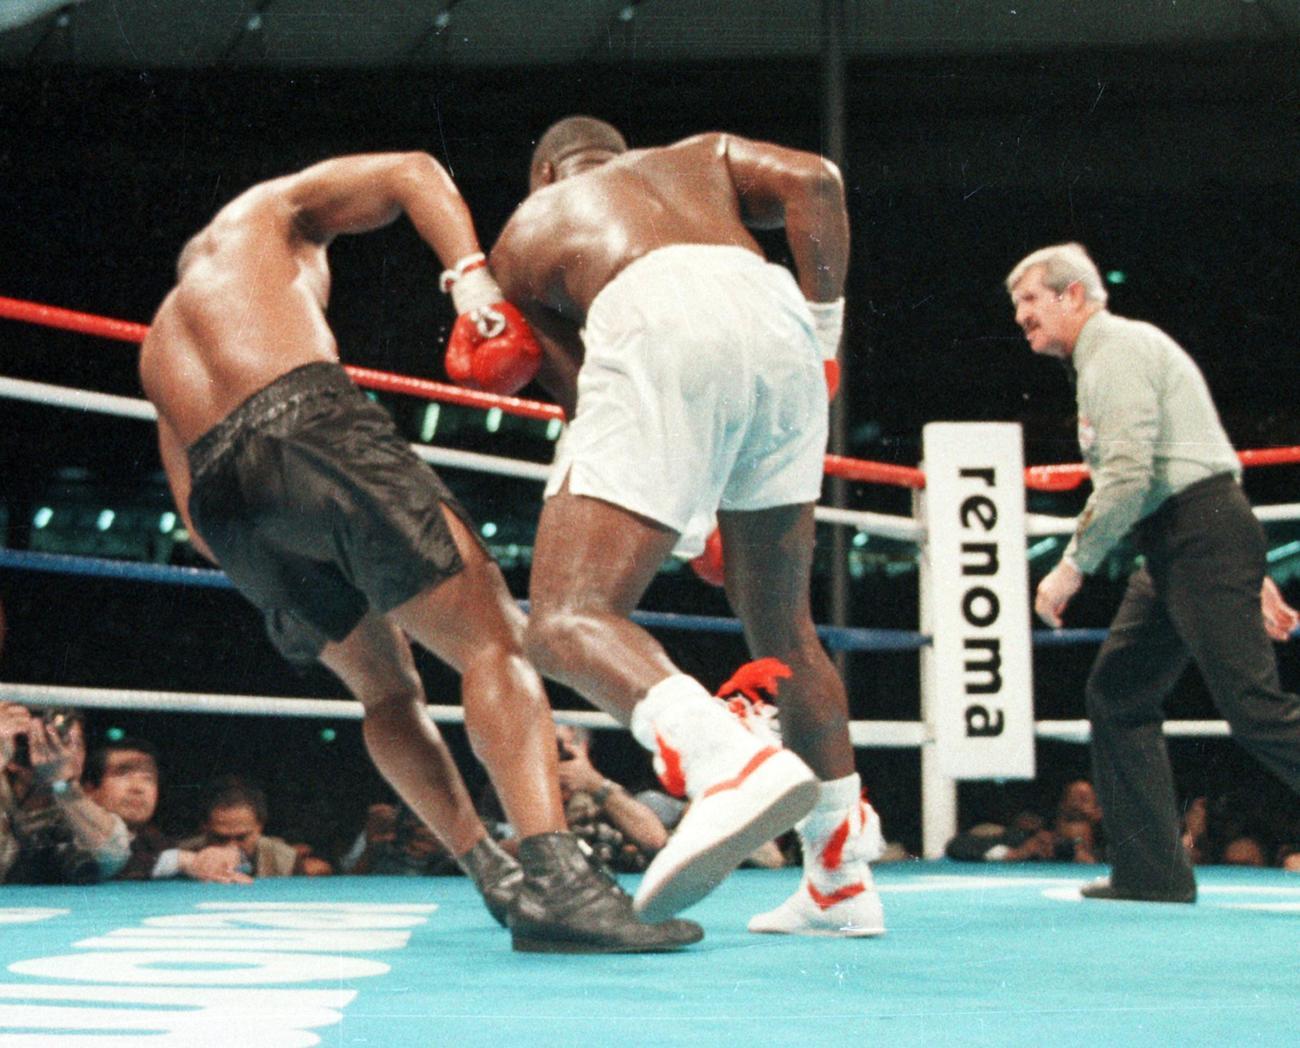 WBA・IBF・WBC世界ヘビー級タイトルマッチ 10回、マイク・タイソン(左)からダウンを奪うジェームス・ダグラス(1990年2月11日撮影)